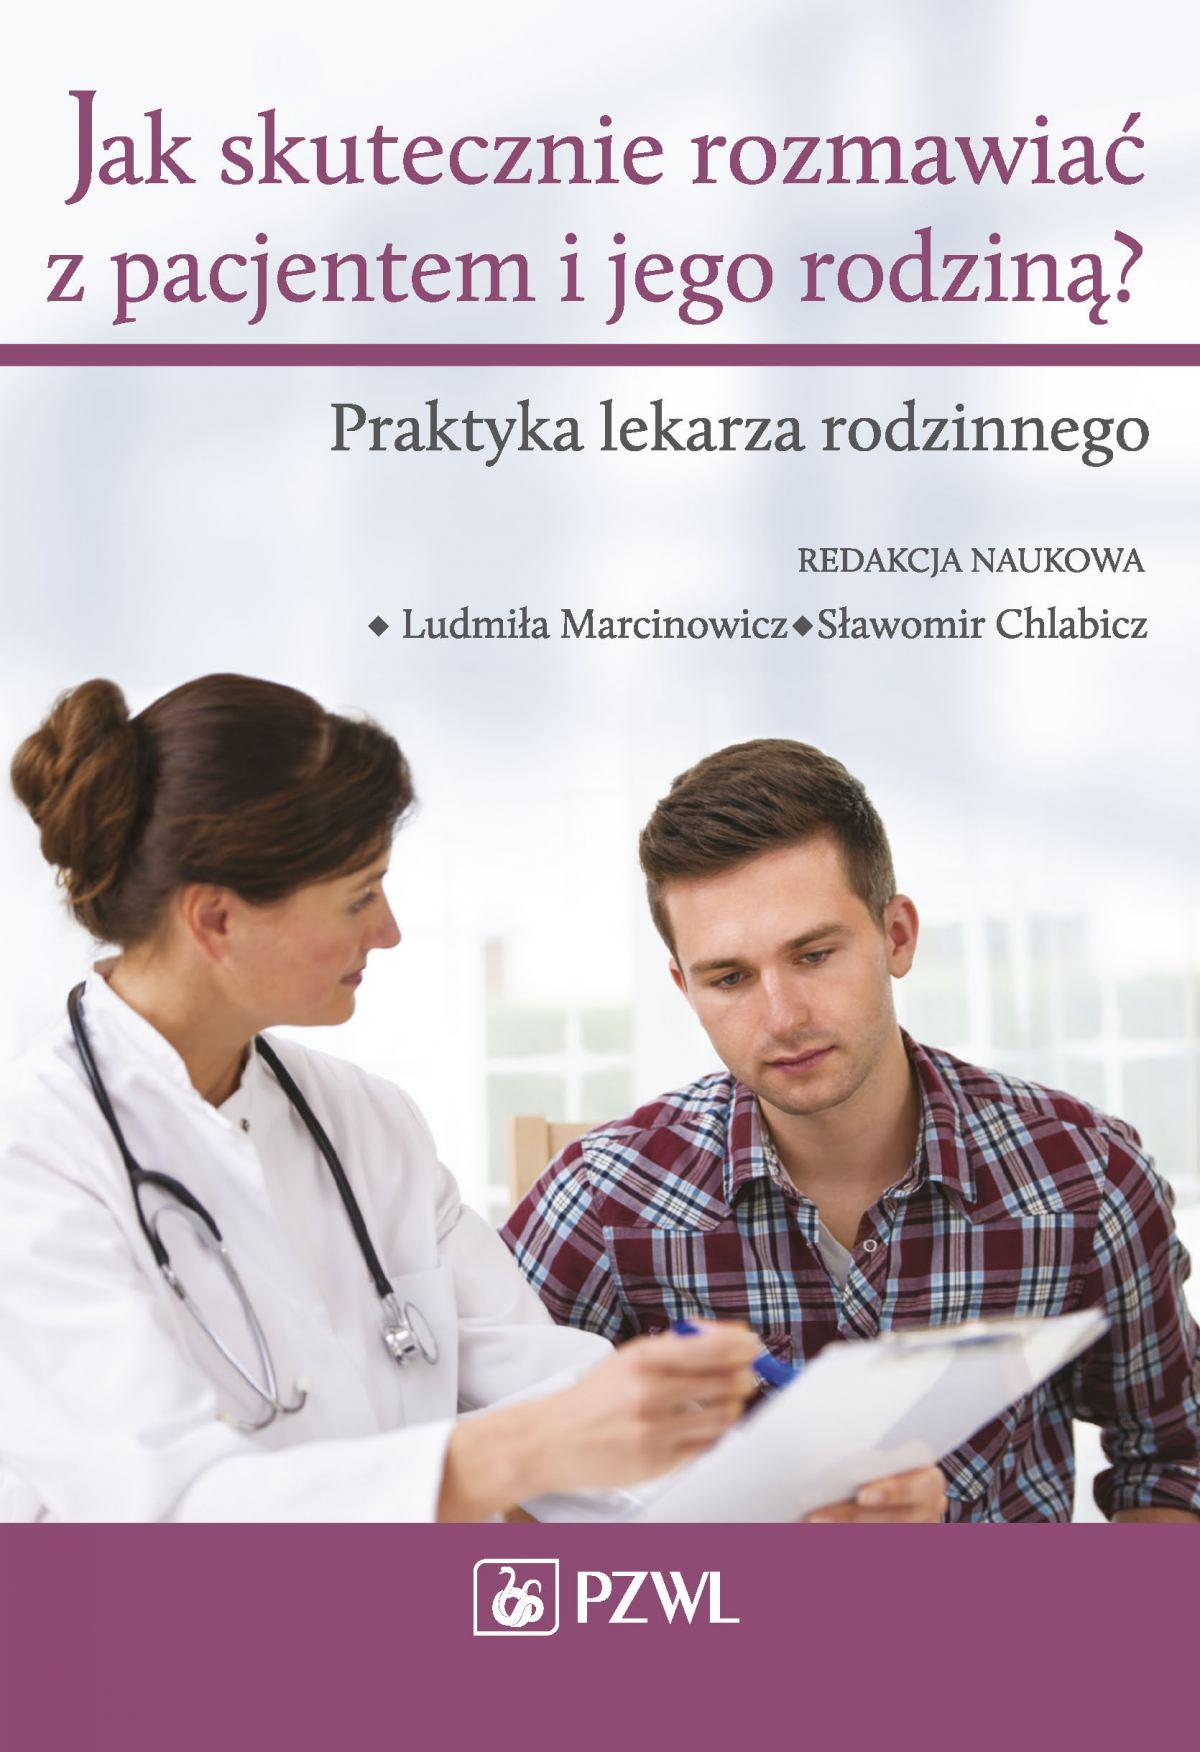 Jak skutecznie rozmawiać z pacjentem i jego rodziną? - Ebook (Książka na Kindle) do pobrania w formacie MOBI